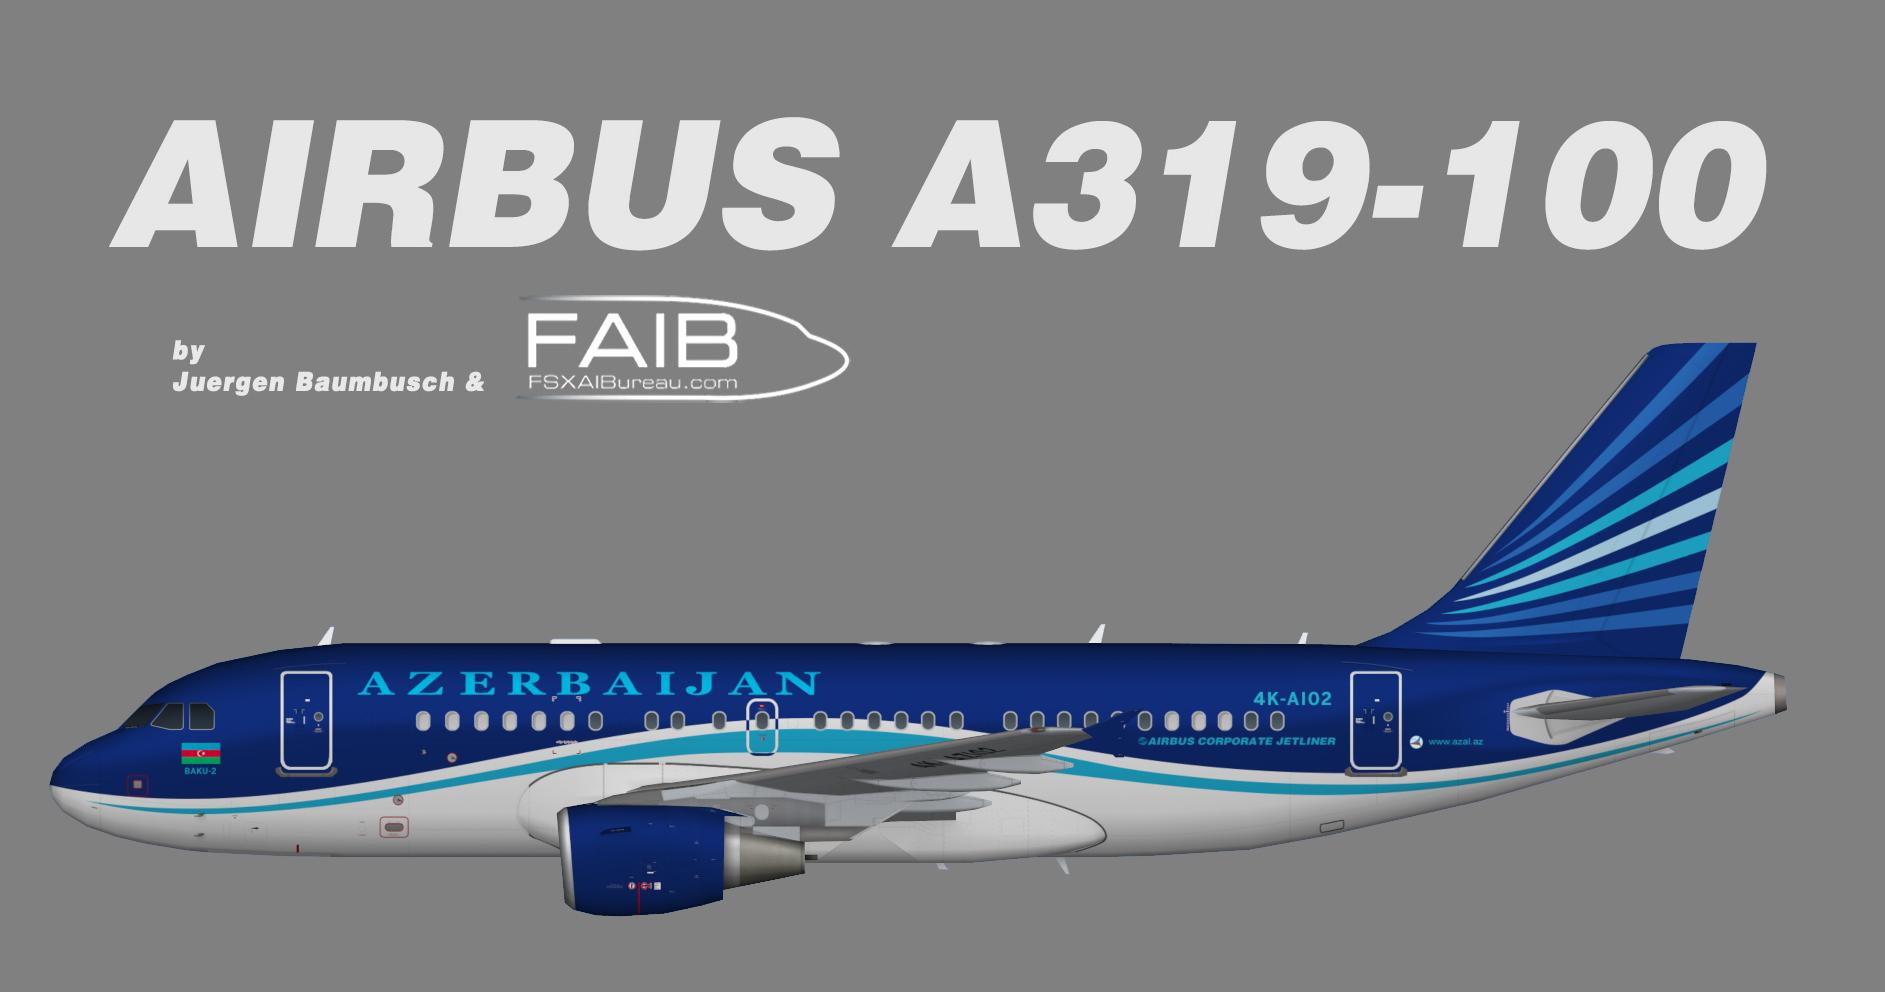 Azerbaijan Airlines (AZAL) Airbus A319-100